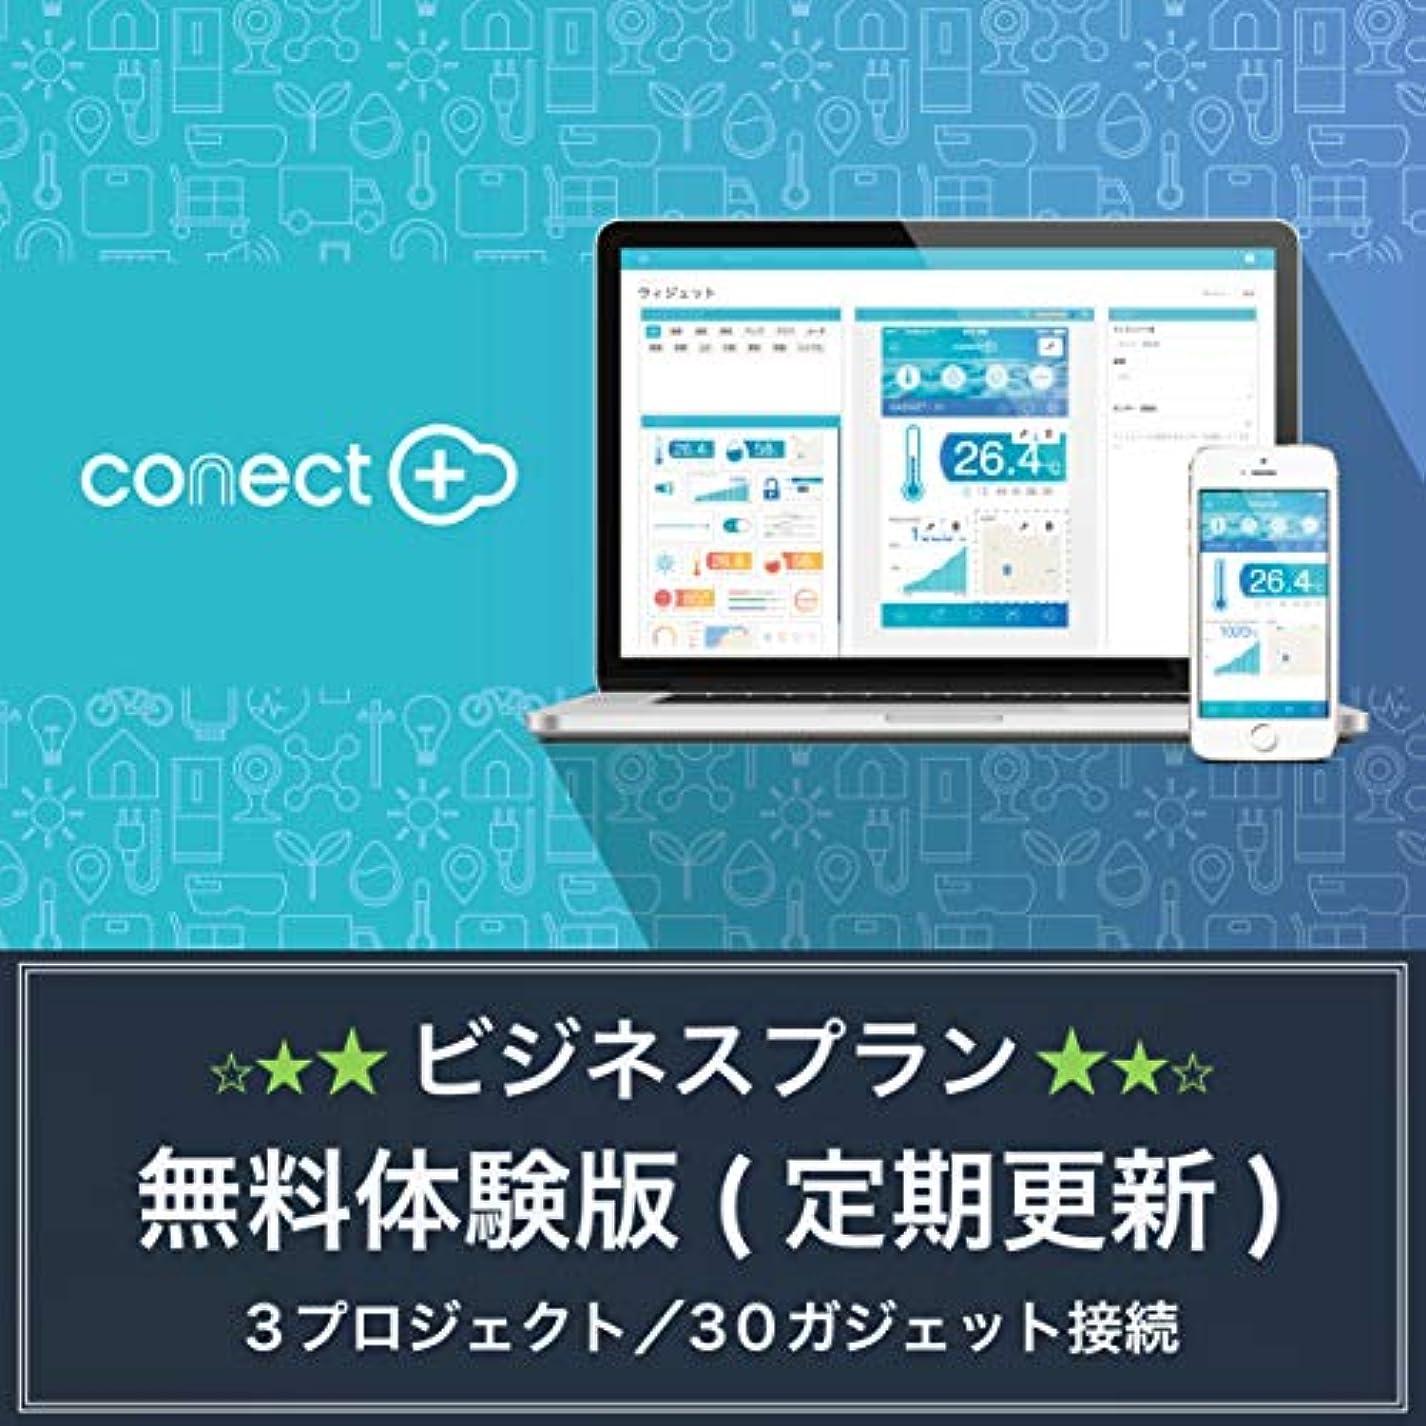 ライブルーチン貴重なconect+ BUSINESS PLAN | 30日無料体験版 | 3プロジェクト/30ガジェット接続 | サブスクリプション(定期更新)